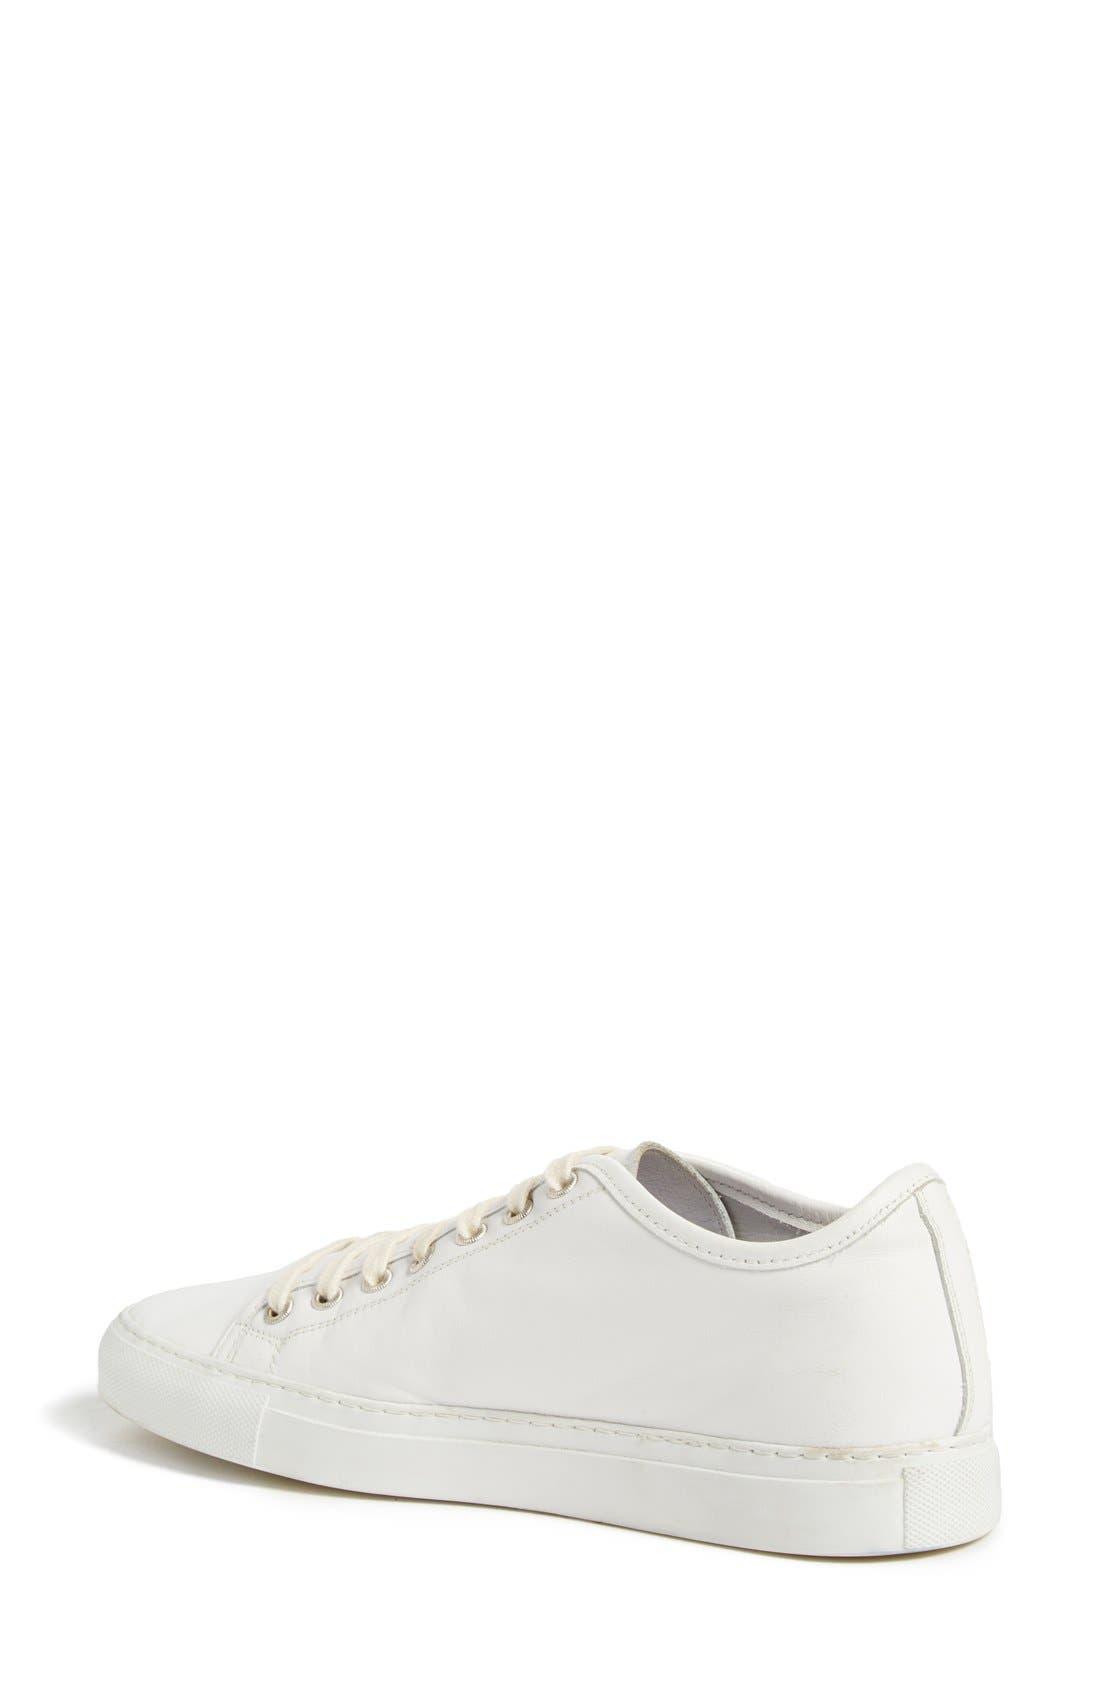 Alternate Image 2  - Sofie D'Hoore 'Frida' Sneaker (Women)